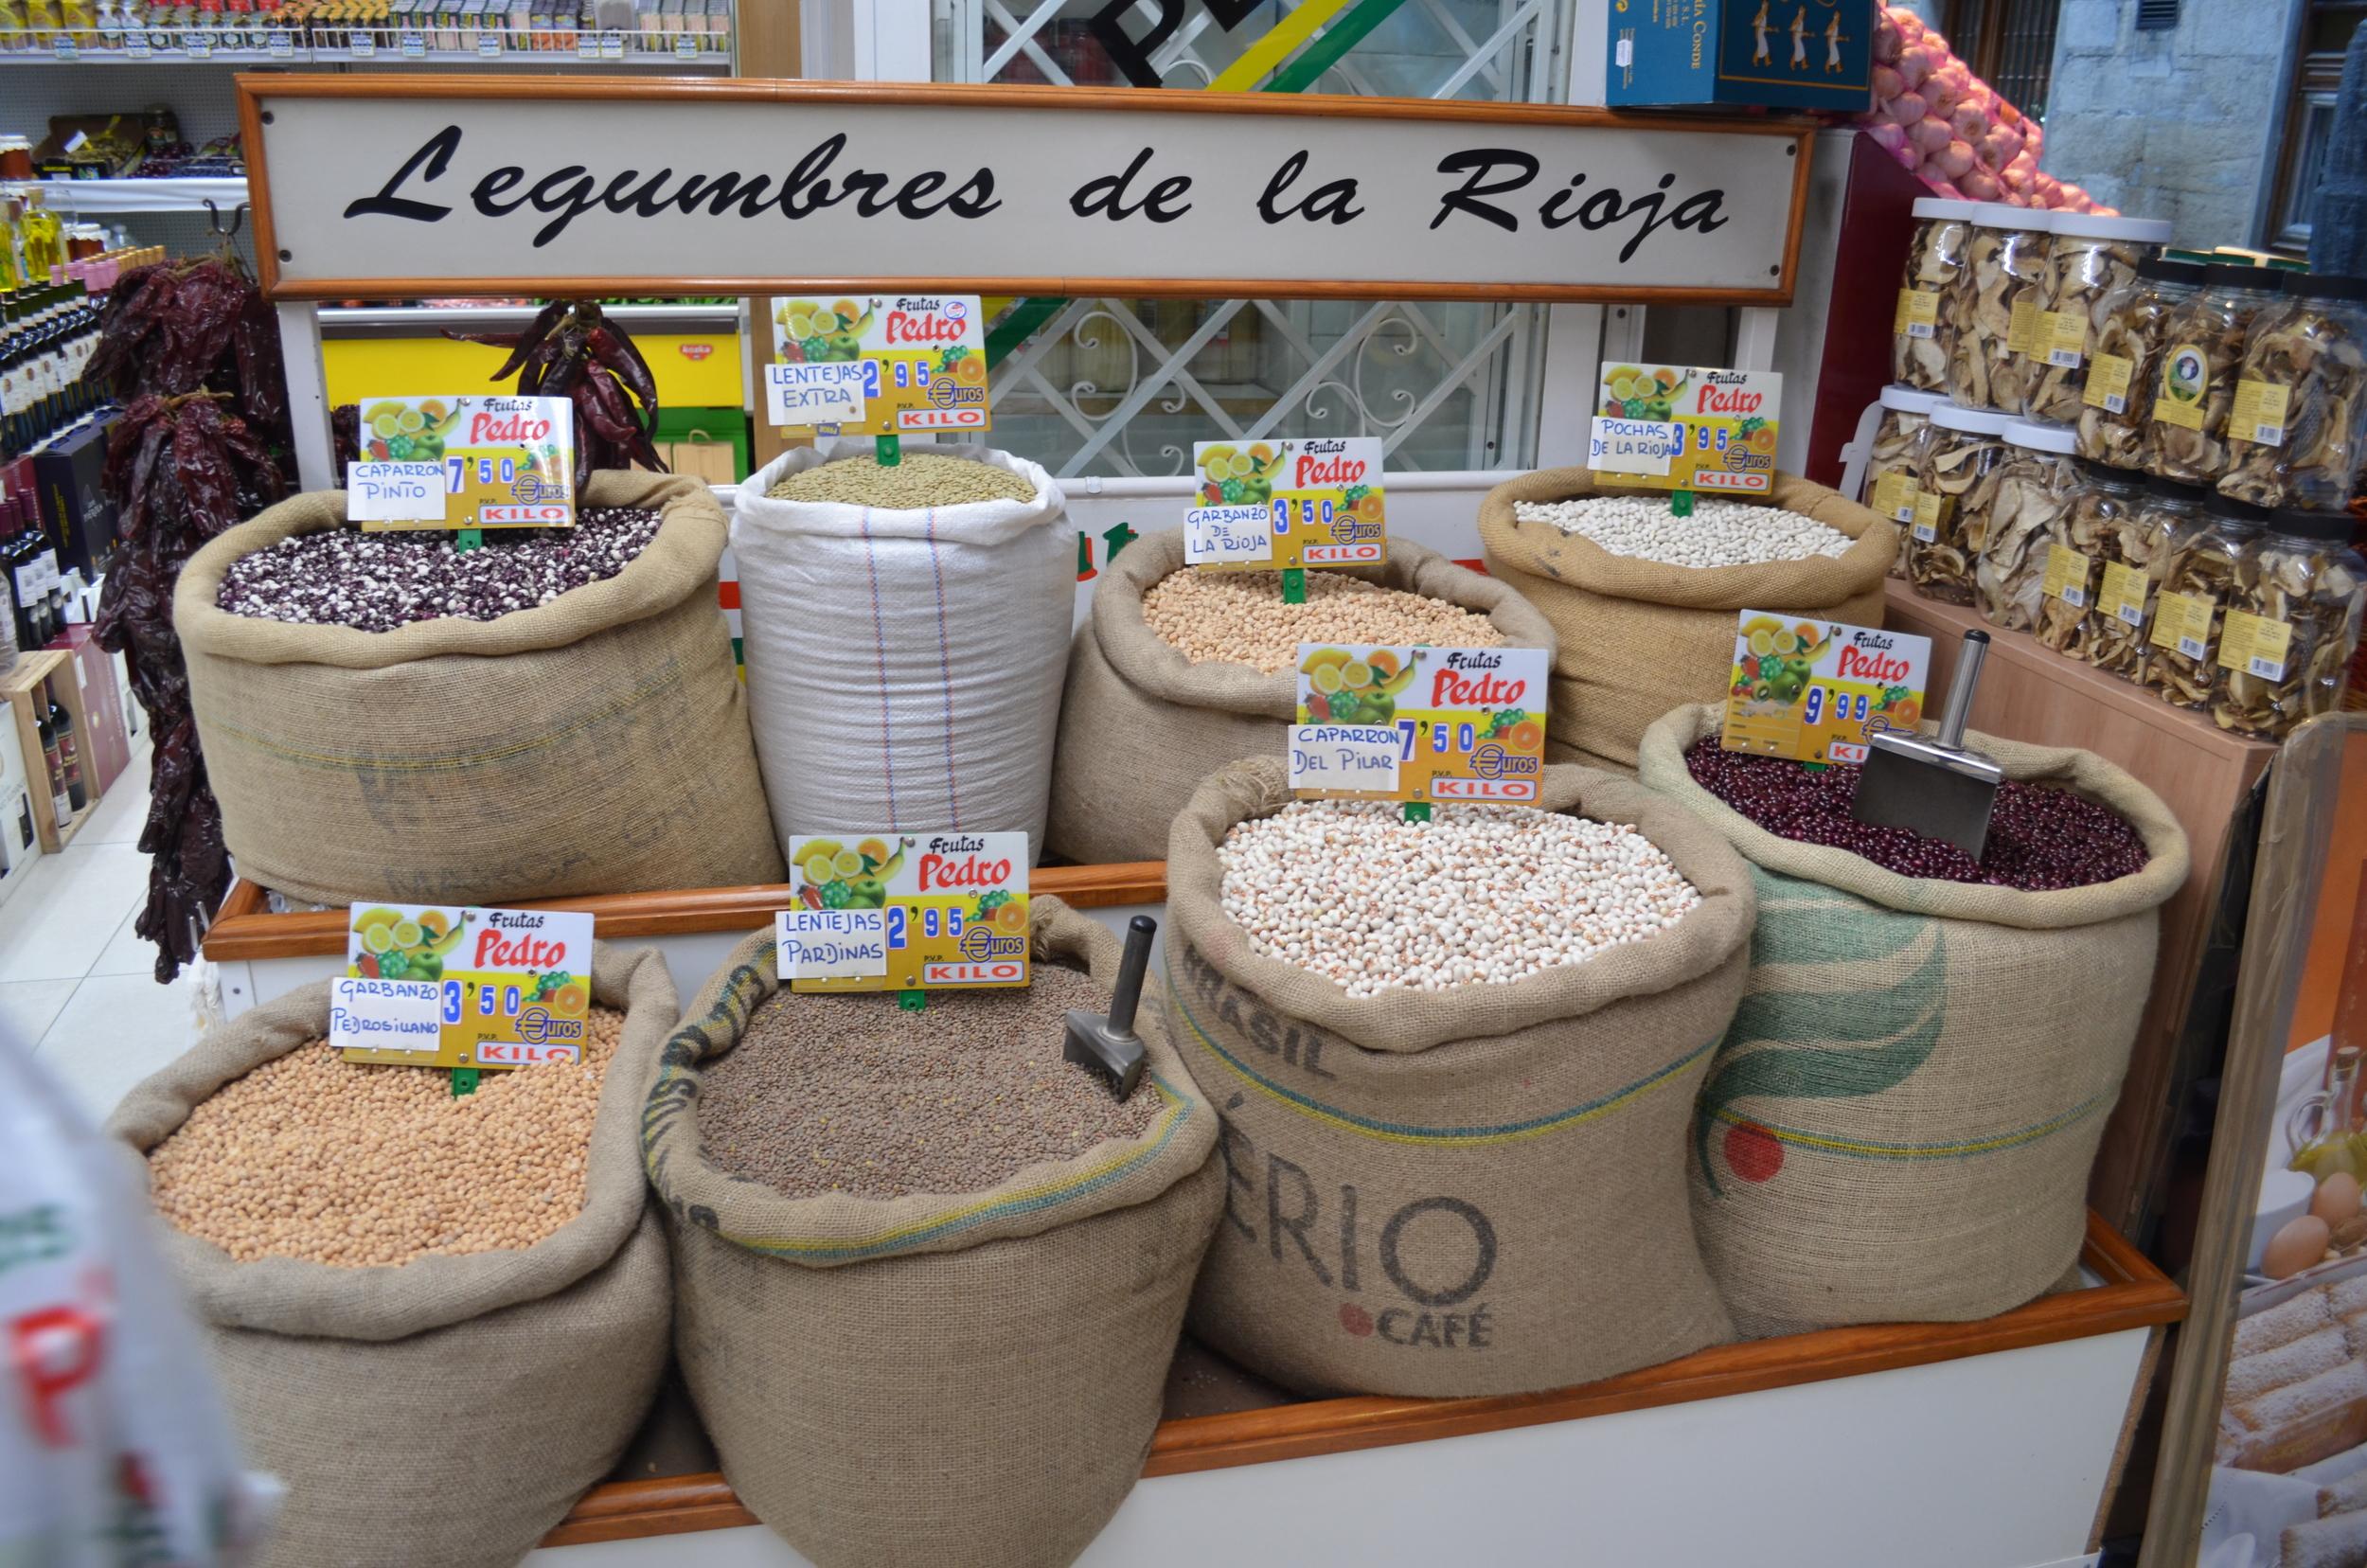 Riojan beans